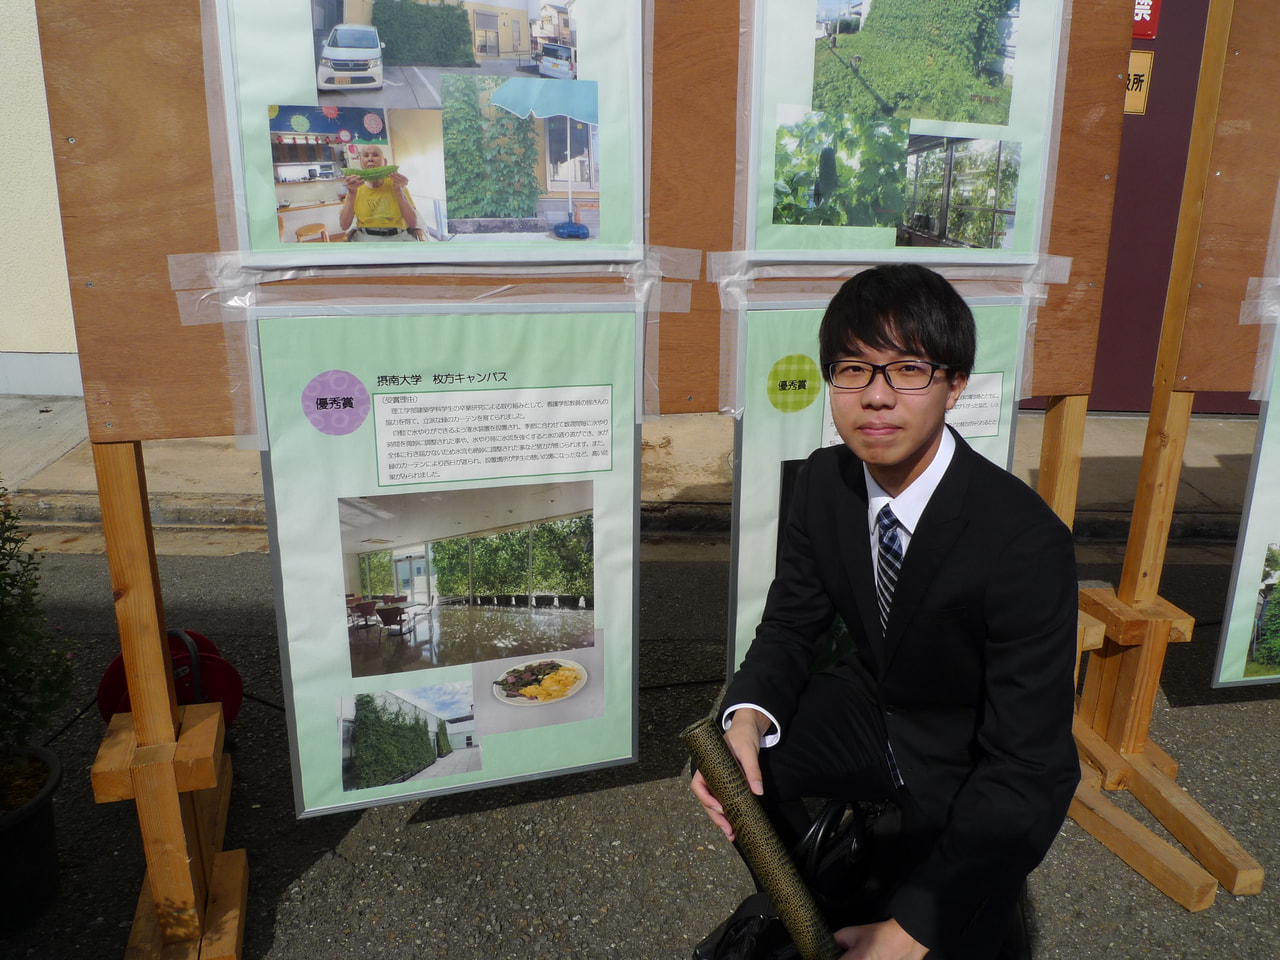 宮本ゼミ4年生の高光信彰くんが枚方市「緑のカーテンコンテスト」優秀賞を受賞しました